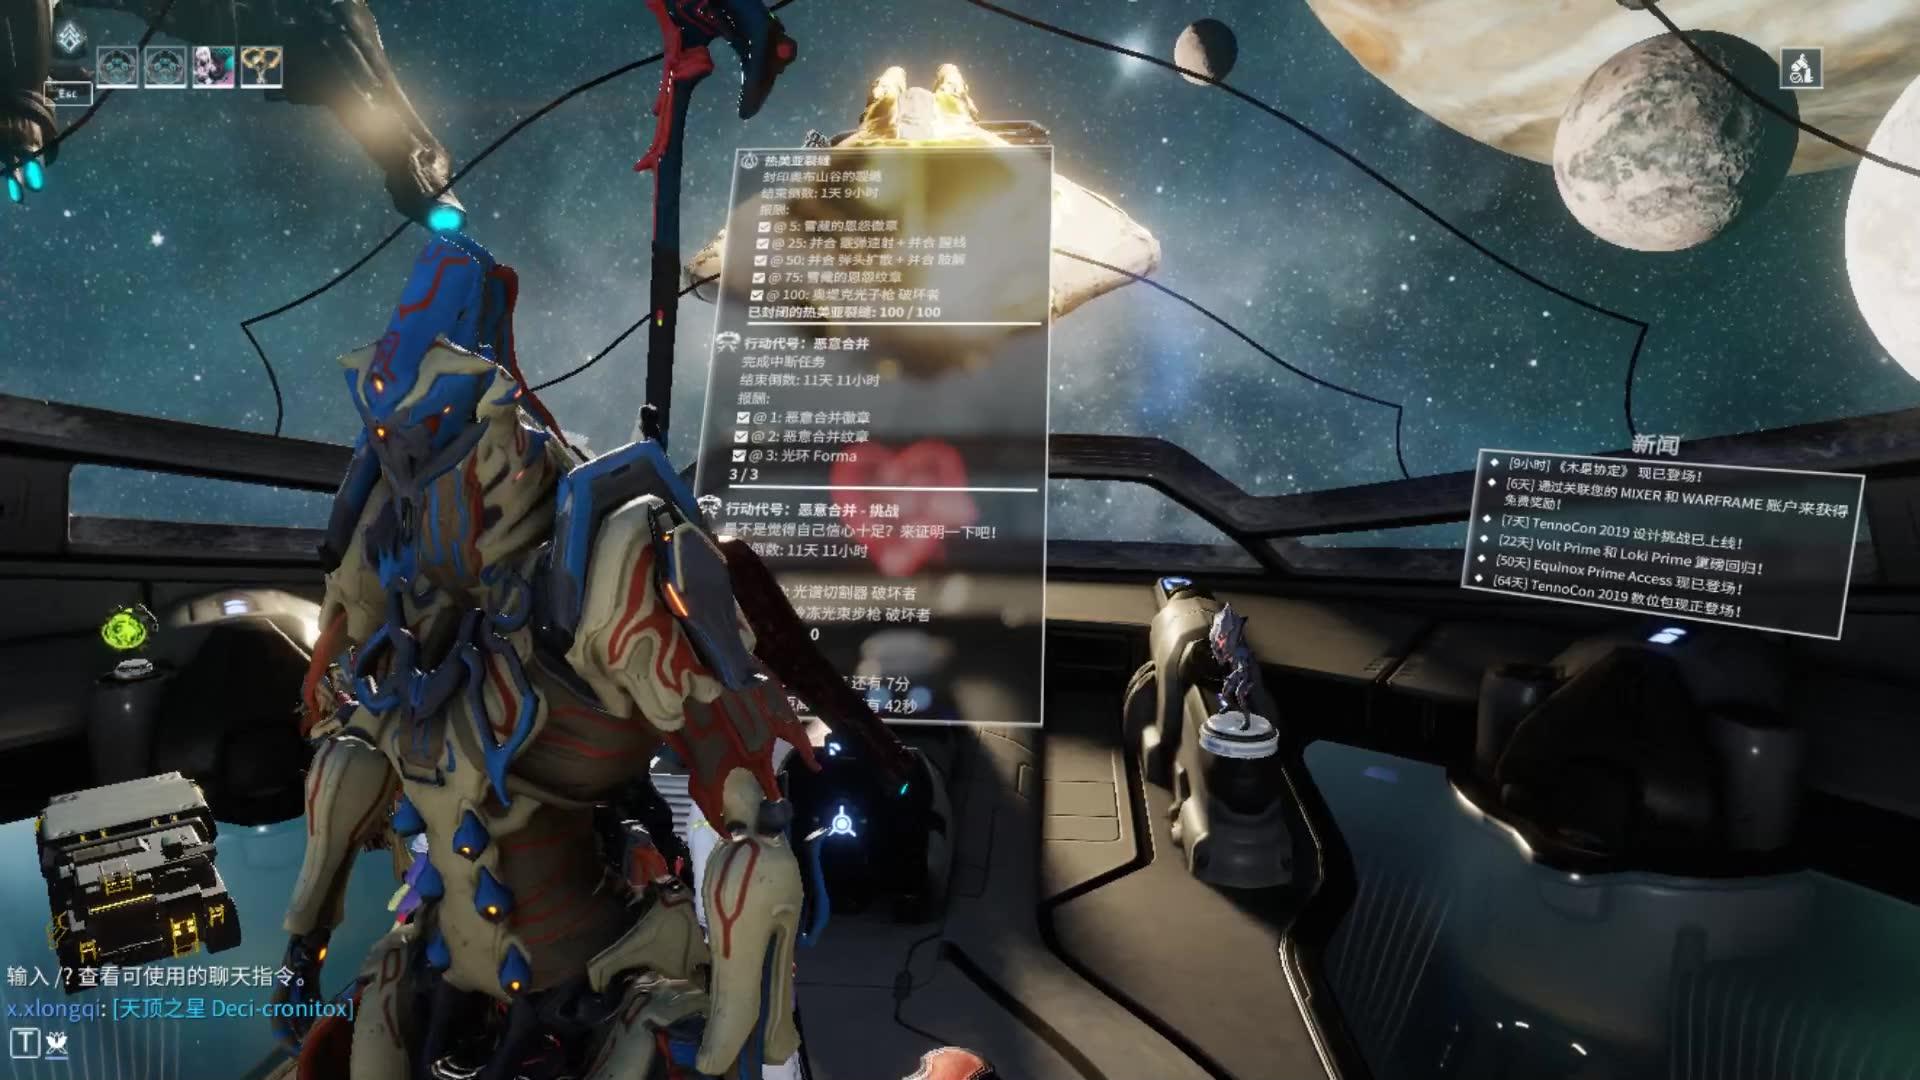 5 23更新《warframe》蝠力使飞蛾扑火打法_哔哩哔哩(゜-゜)つロ